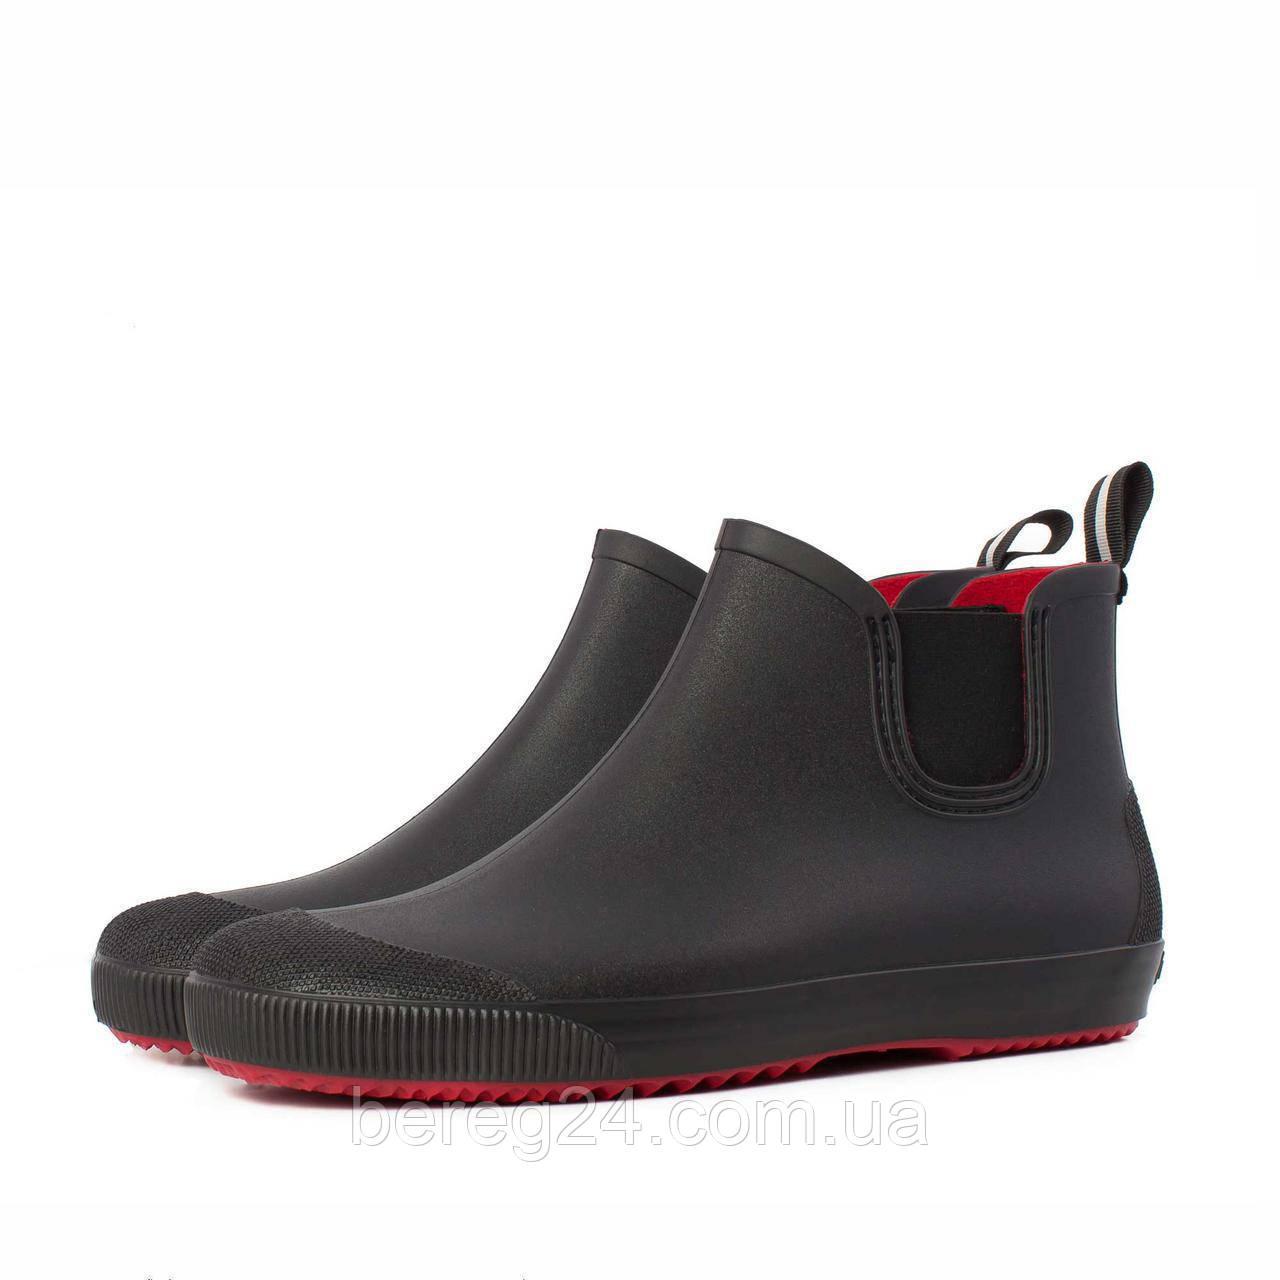 Мужские ботинки NordMan BEAT резиновые с эластичной вставкой черные размер 45